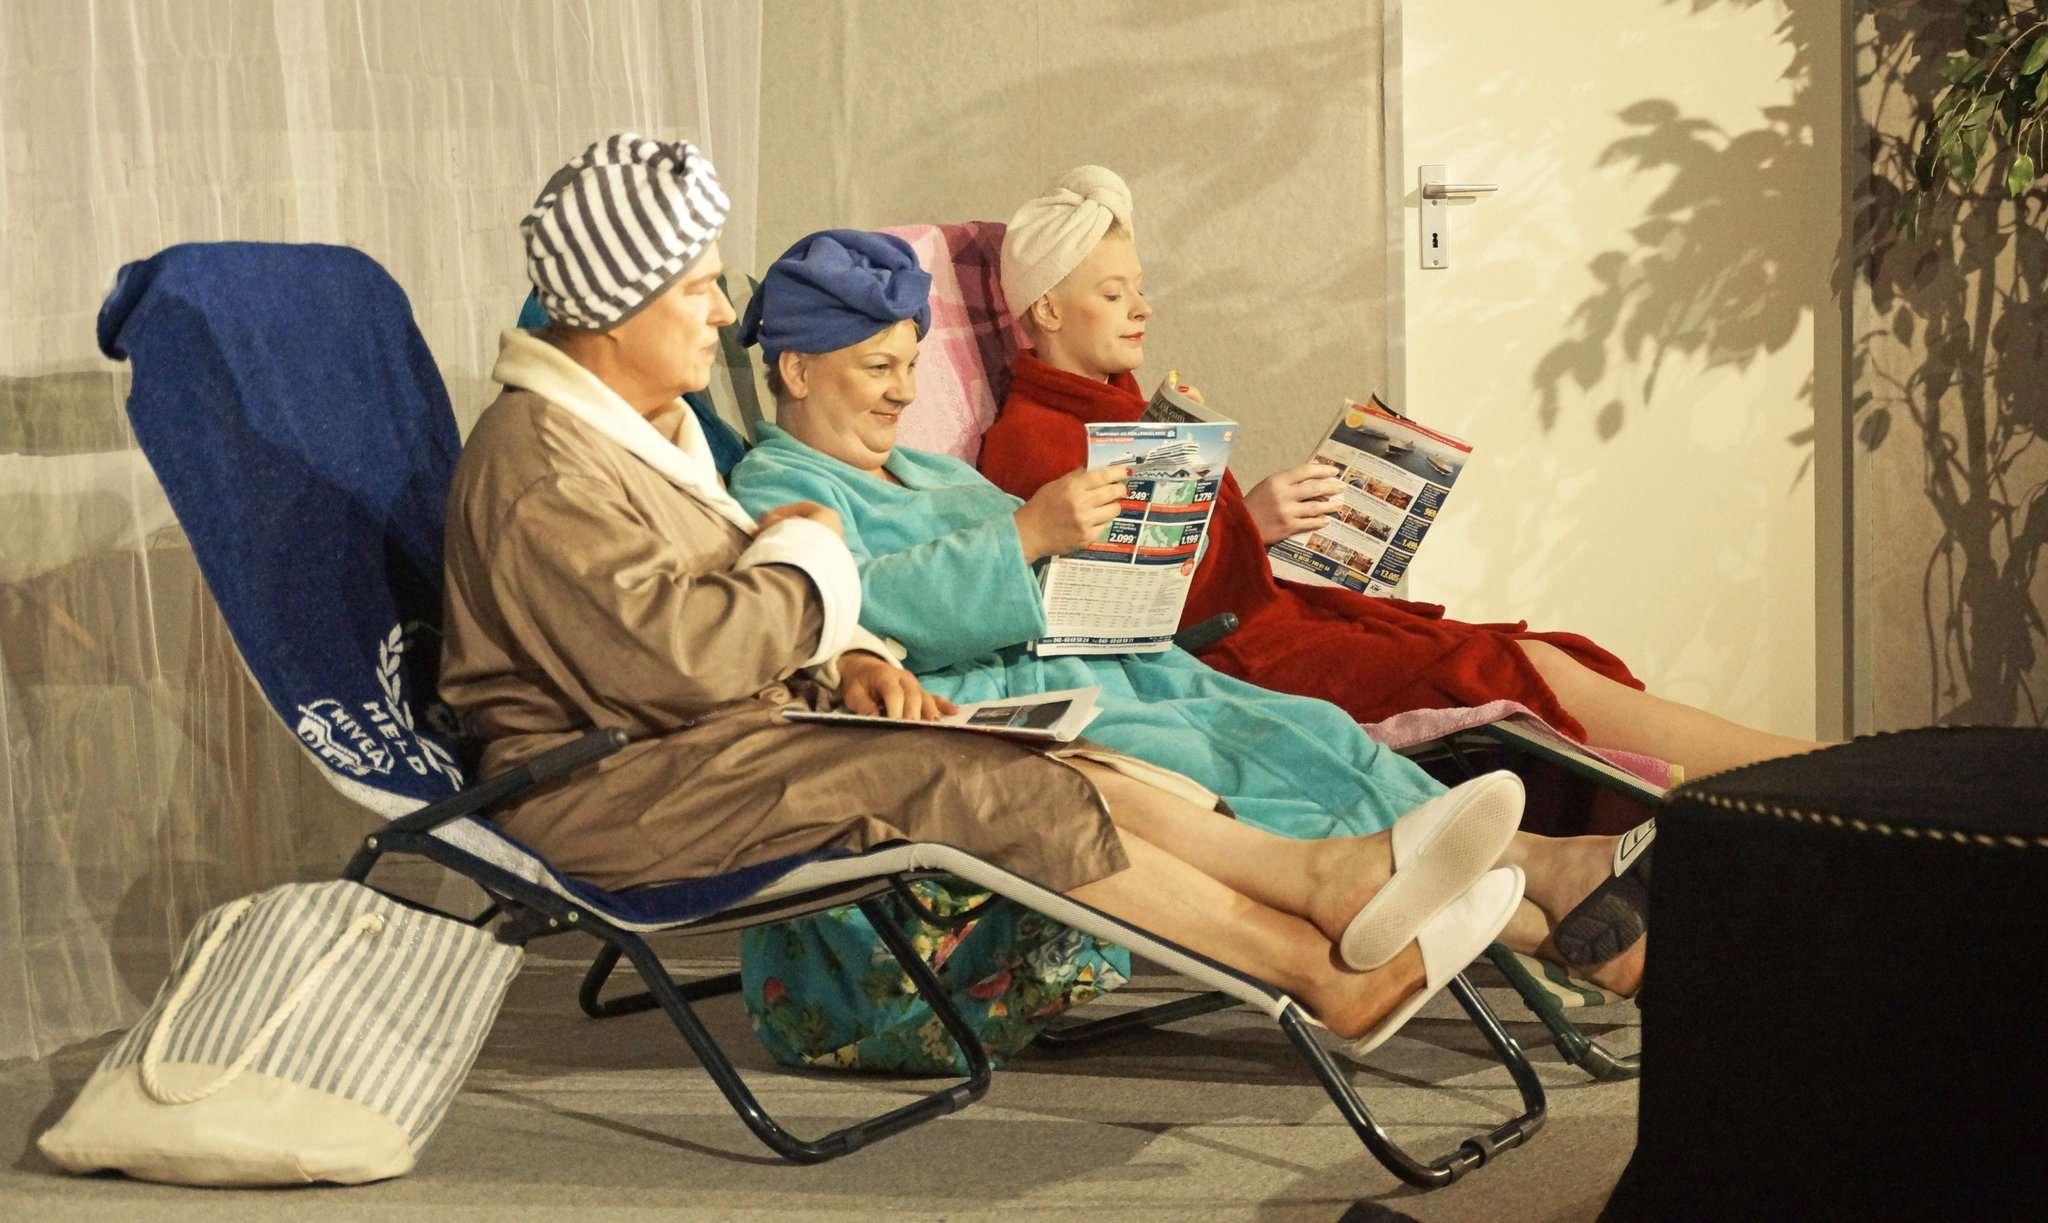 Die drei Freundinnen Theresa (Heidi Ruschmeyer), Lisbeth (Maria Bellmann) und Ursel (Doris Golücke) ziehen gnadenlos über alle her. Fotos: Erich Schulz